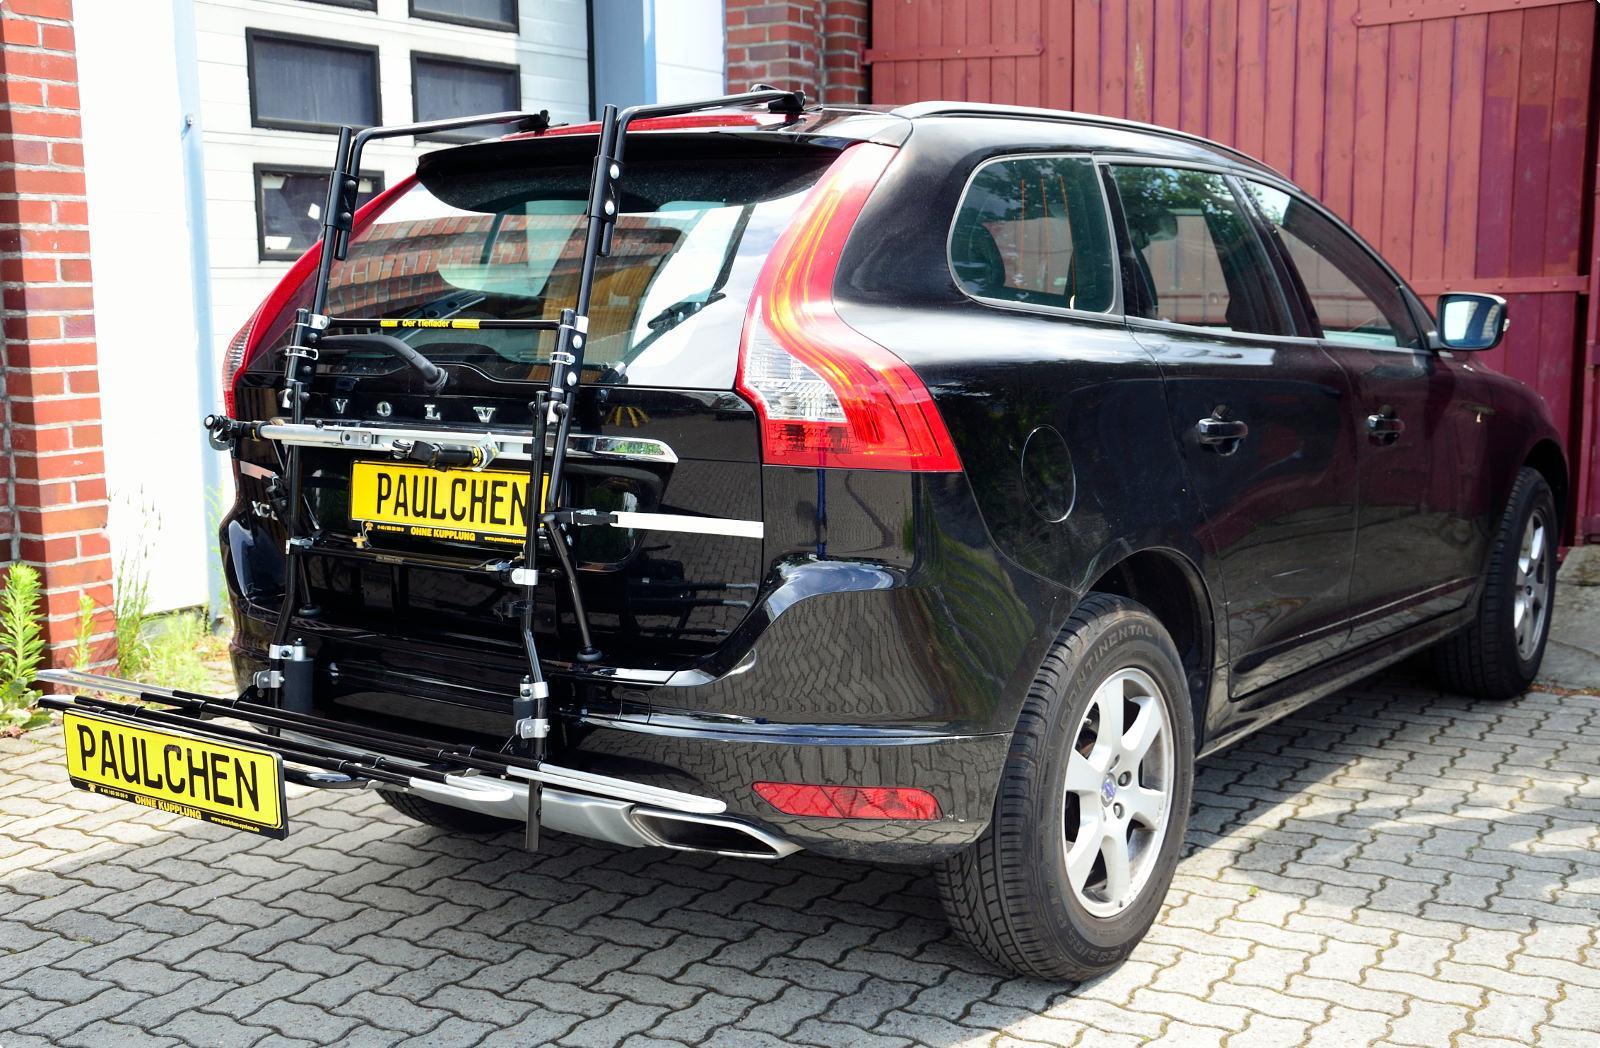 Bike rack for Volvo XC60 Facelift, Paulchen Heckträger System - Paulchen Heckträger System ...